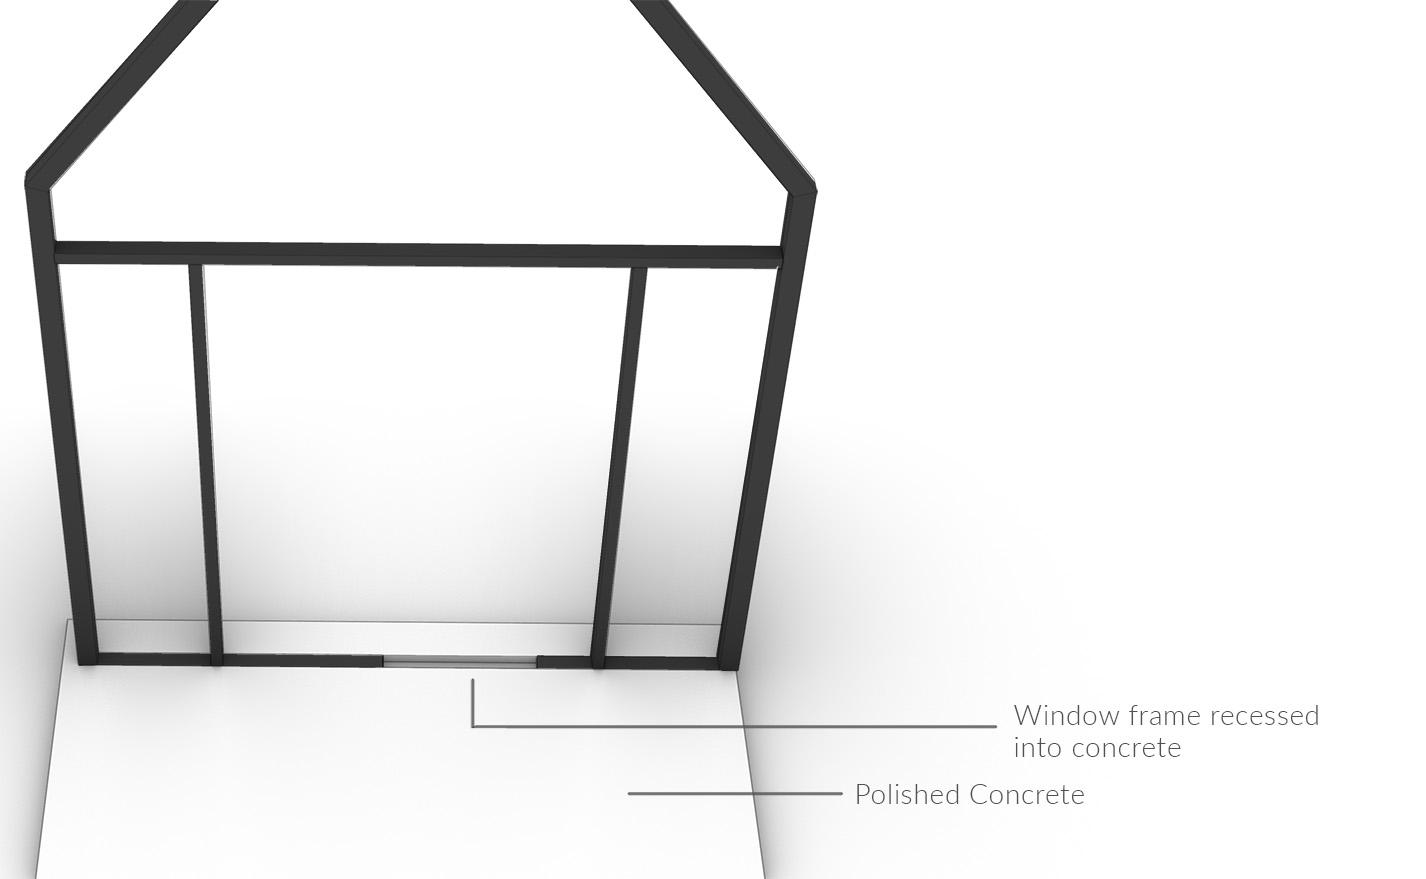 concrete detail-window-frame-concrete-question.jpg